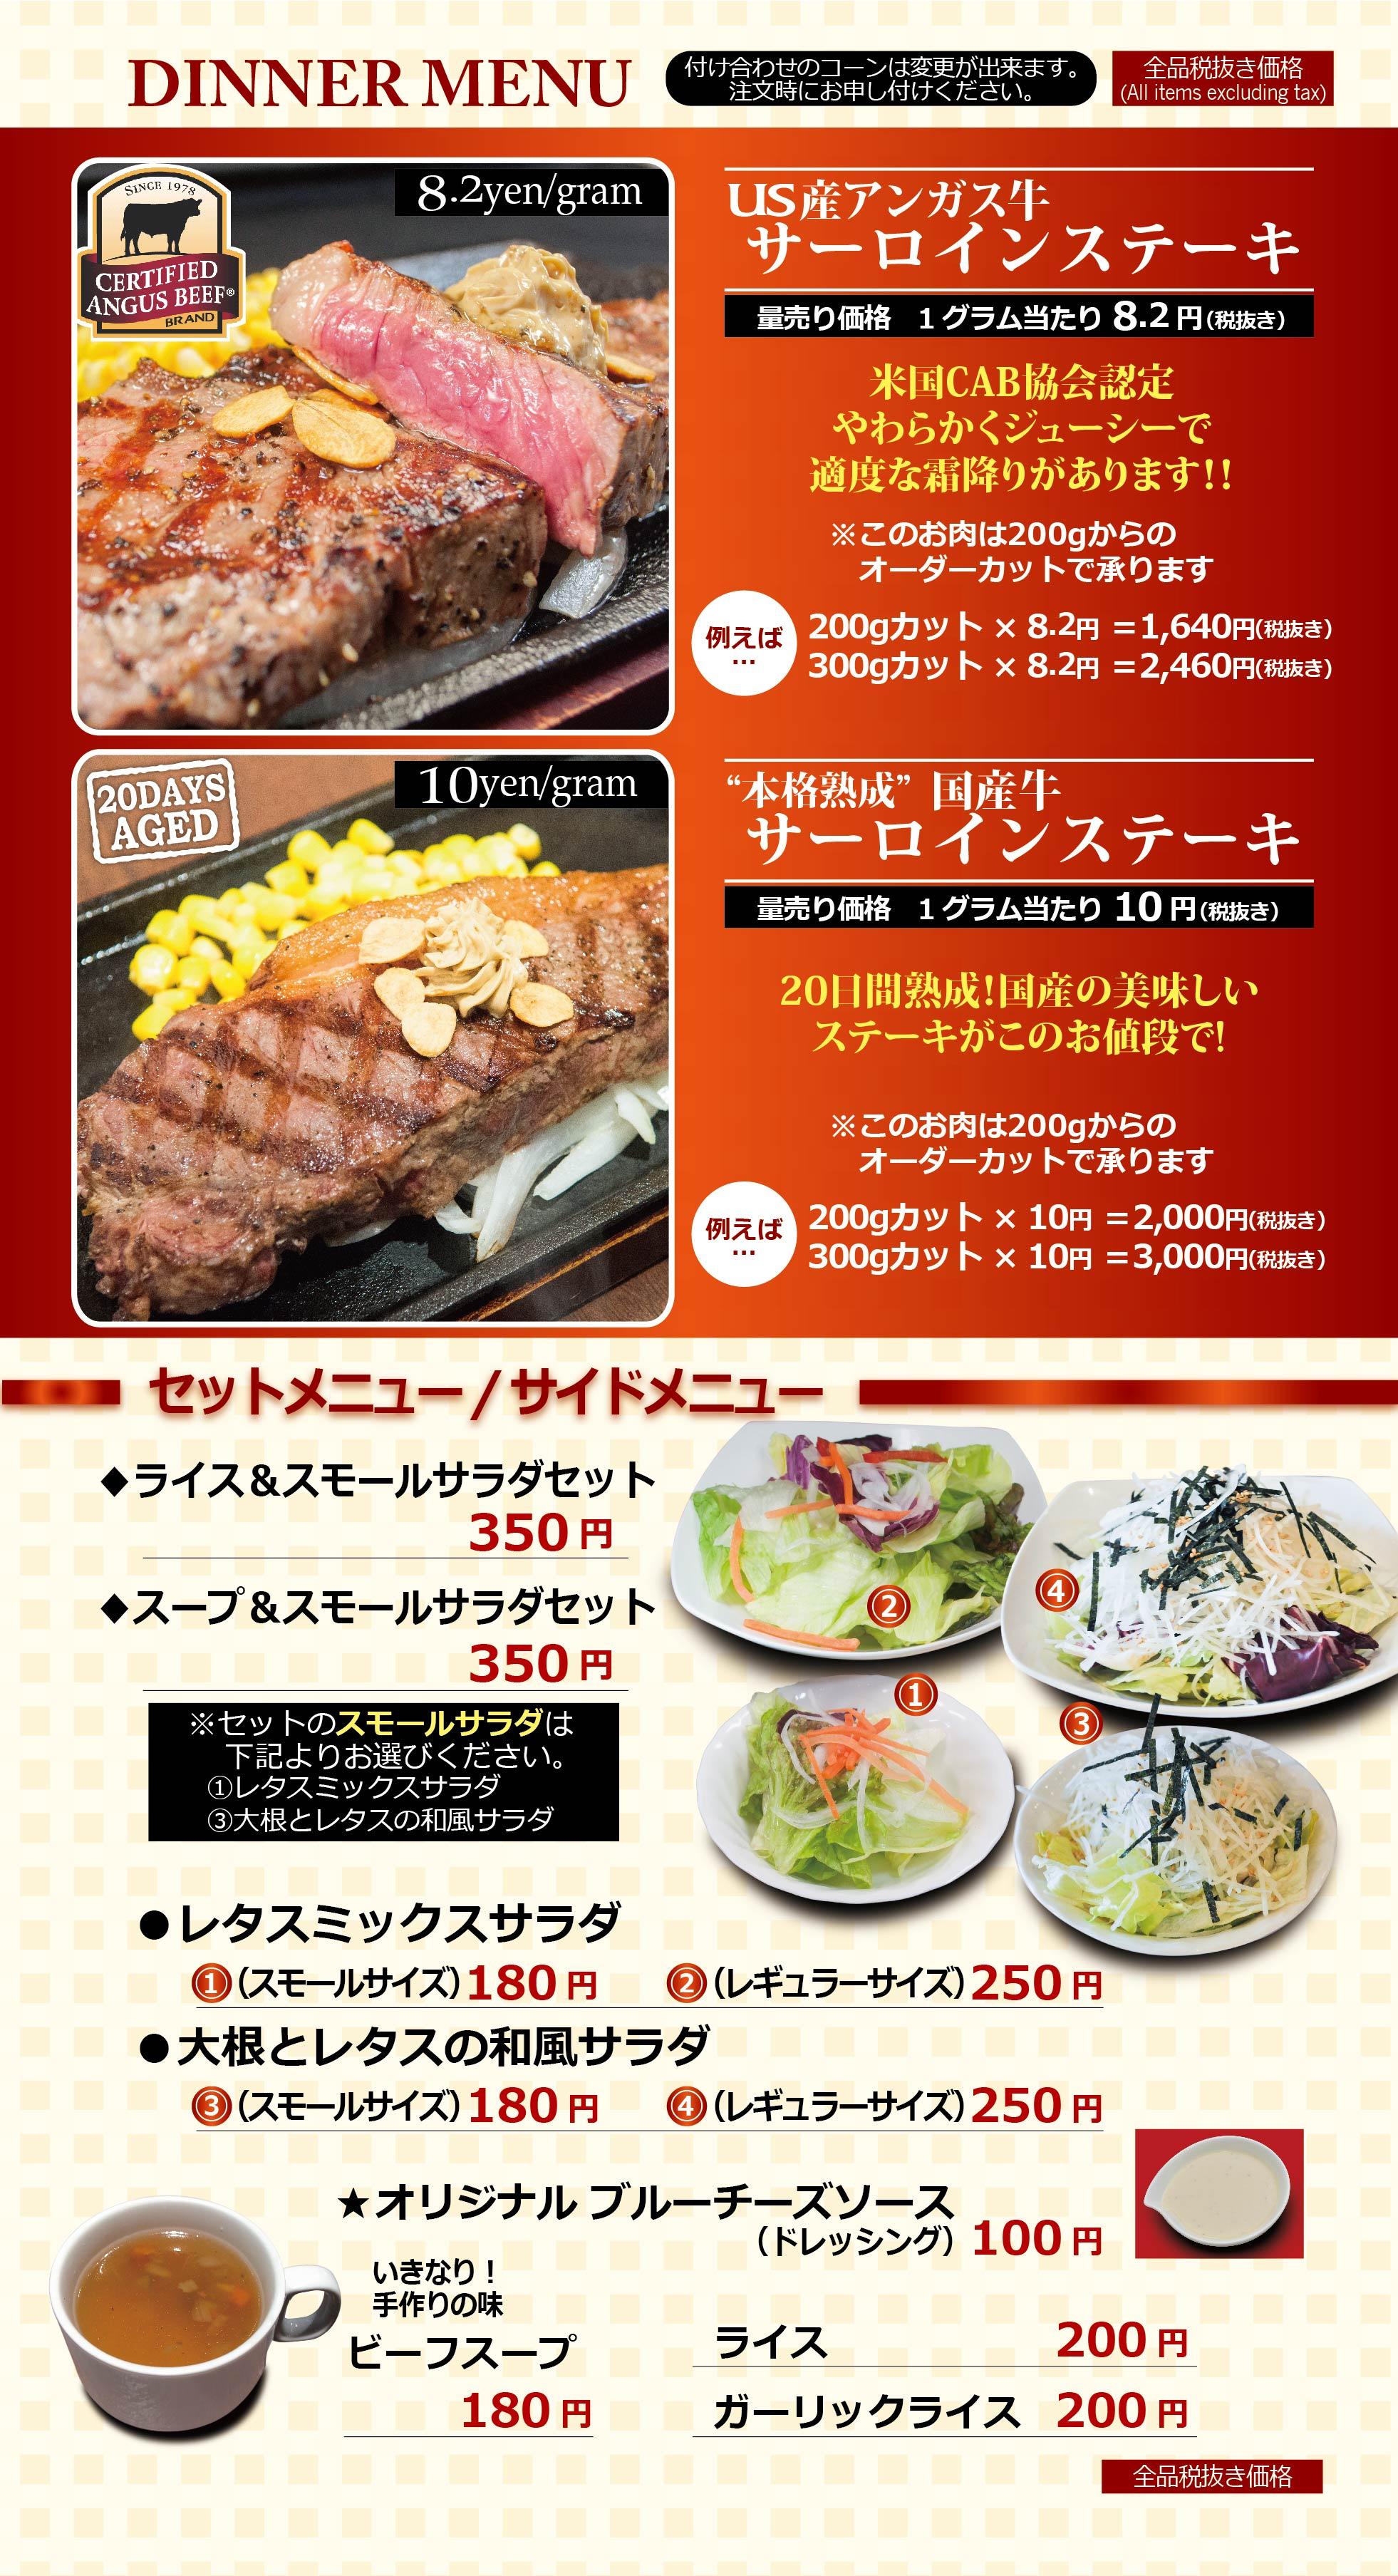 いきなりステーキ名取 ディナーメニュー2